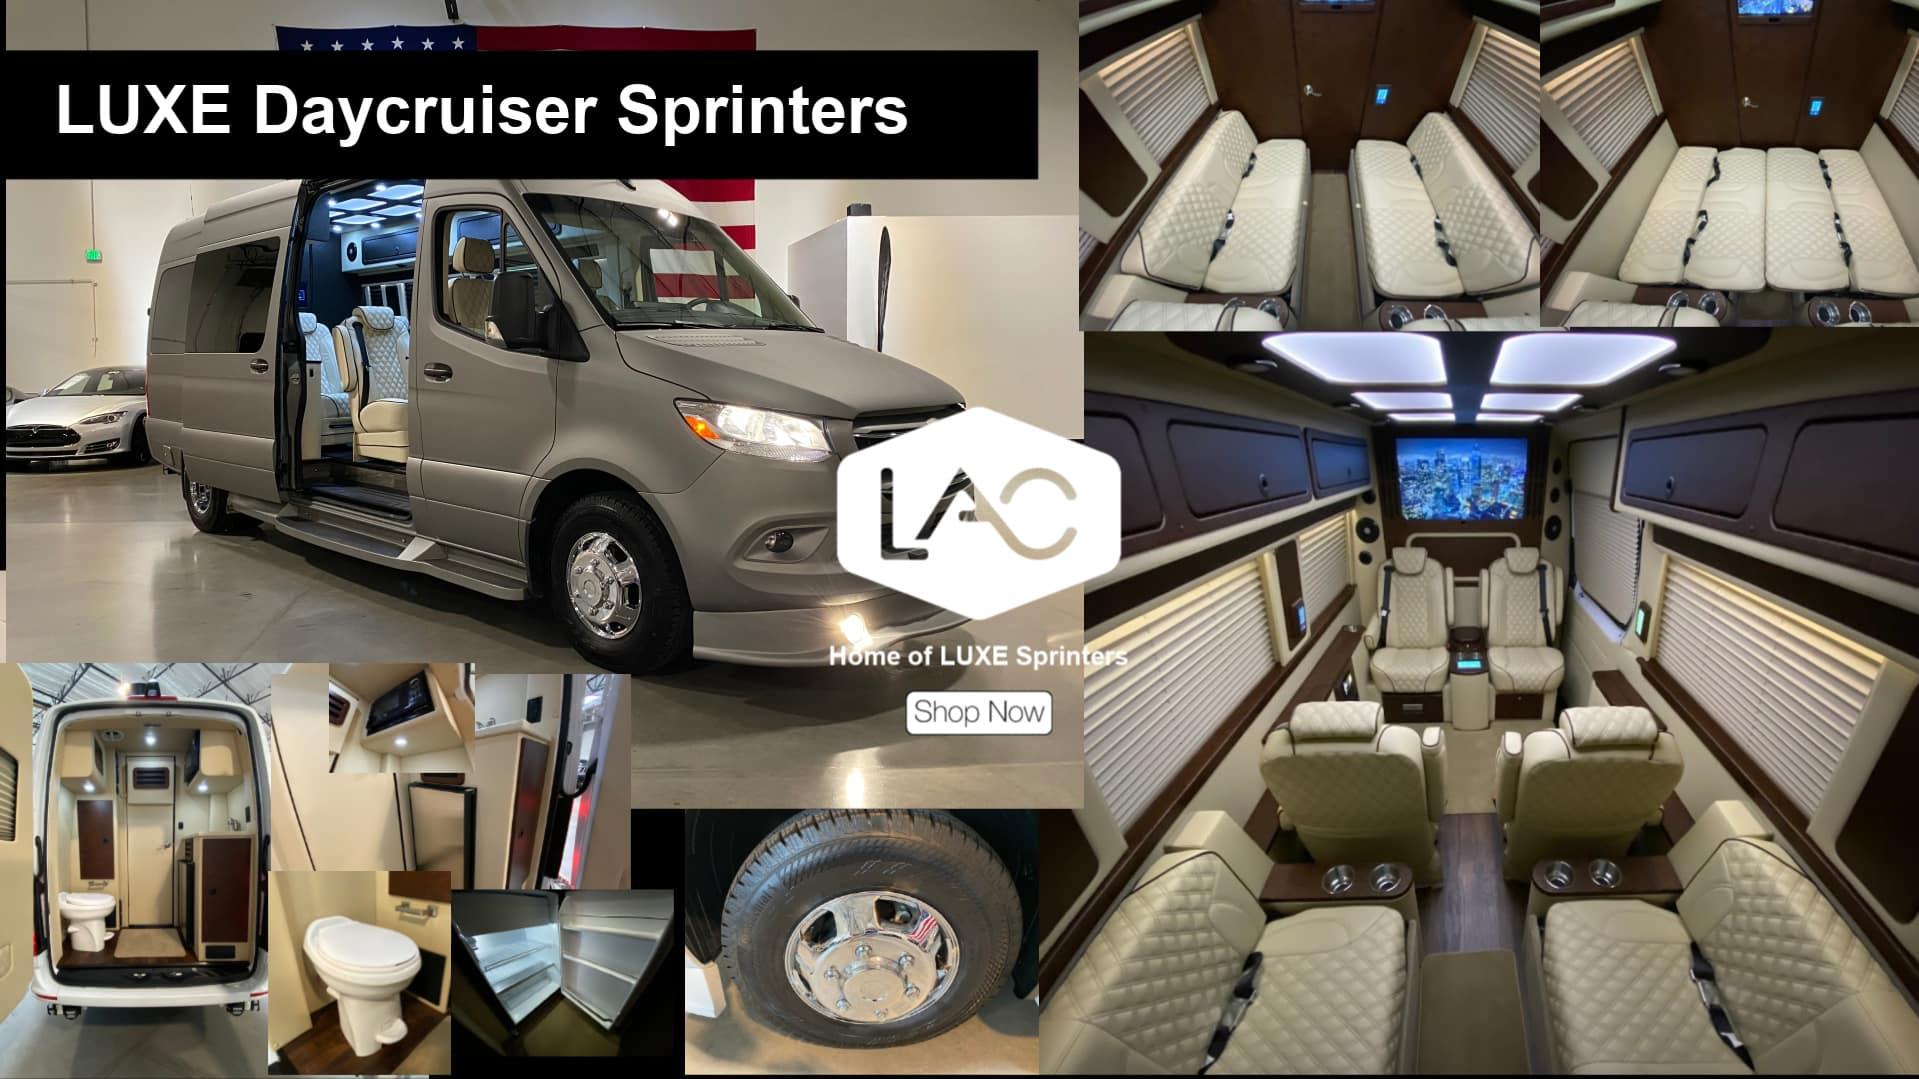 LUXE Daycruiser Sprinter